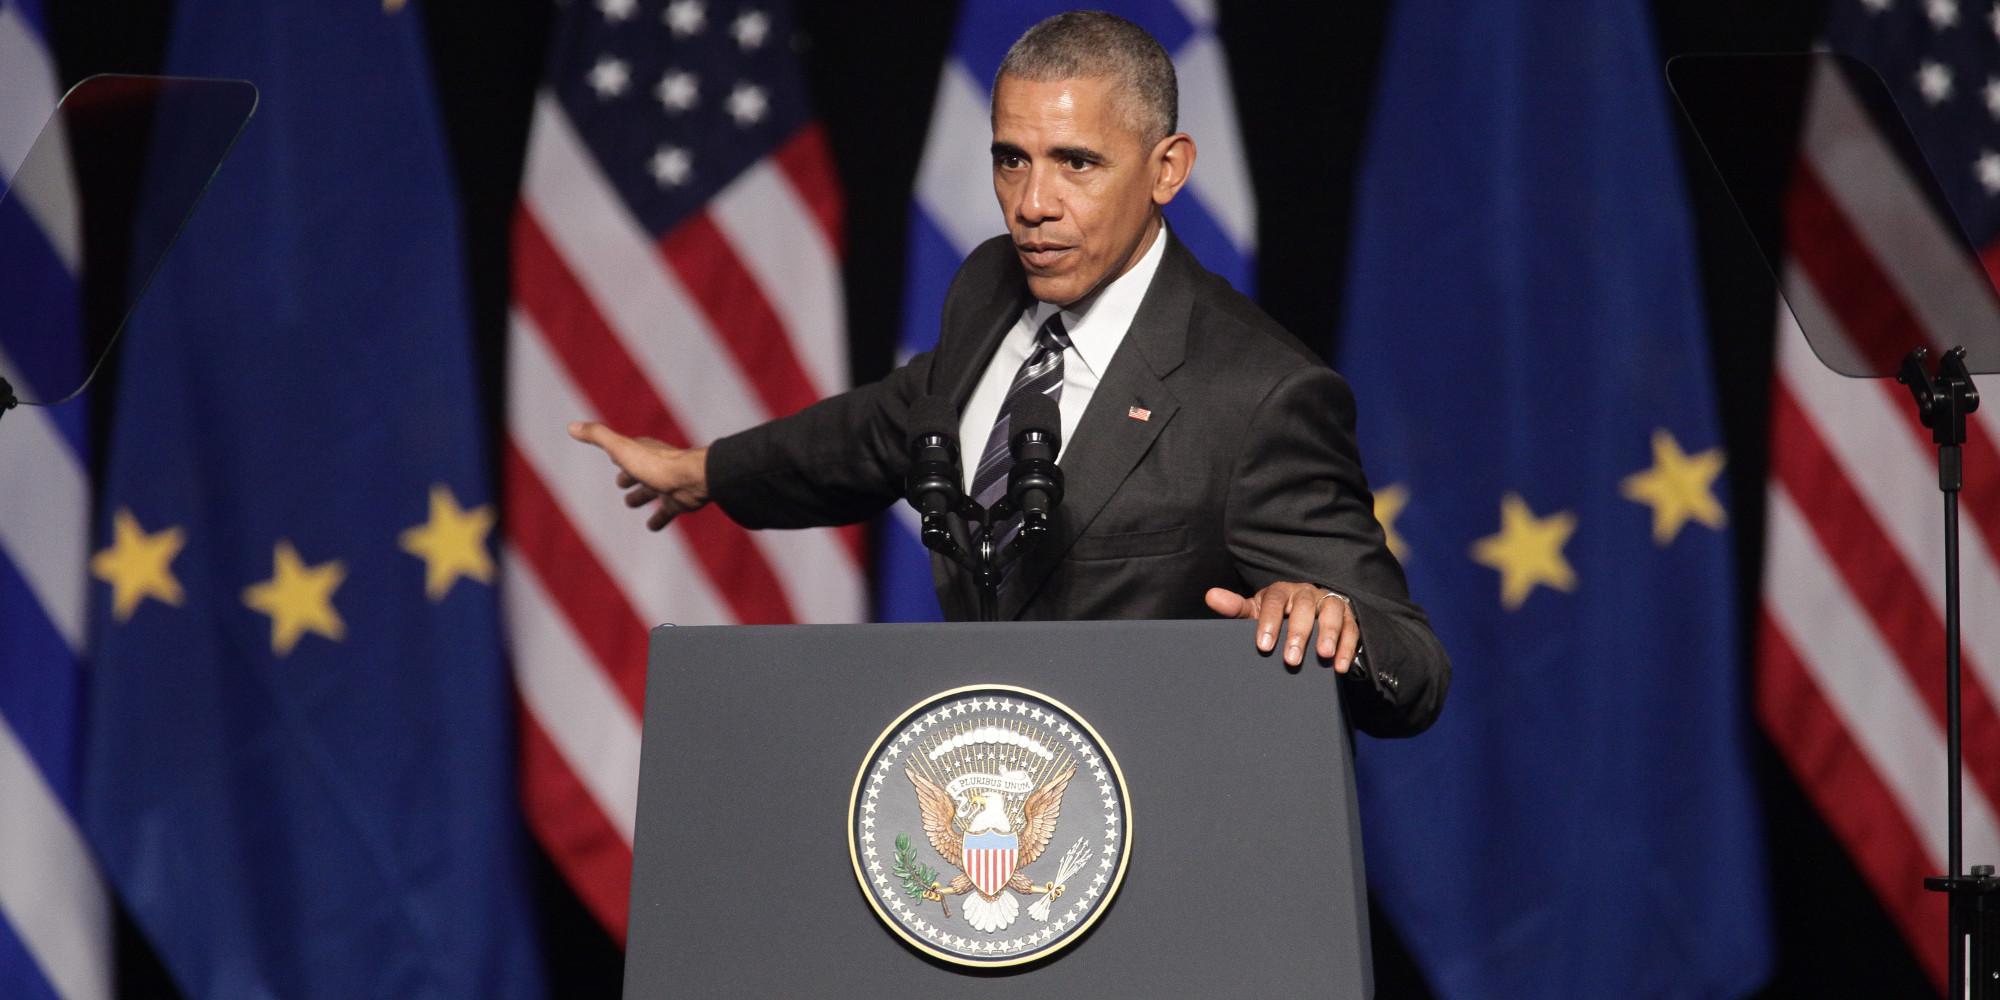 Ο Πρόεδρος των ΗΠΑ, Barack Obama, κατά την ομιλία του στο Κέντρο Πολιτισμού Ίδρυμα Σταύρος Νιάρχος (ΚΠΙΣΝ).